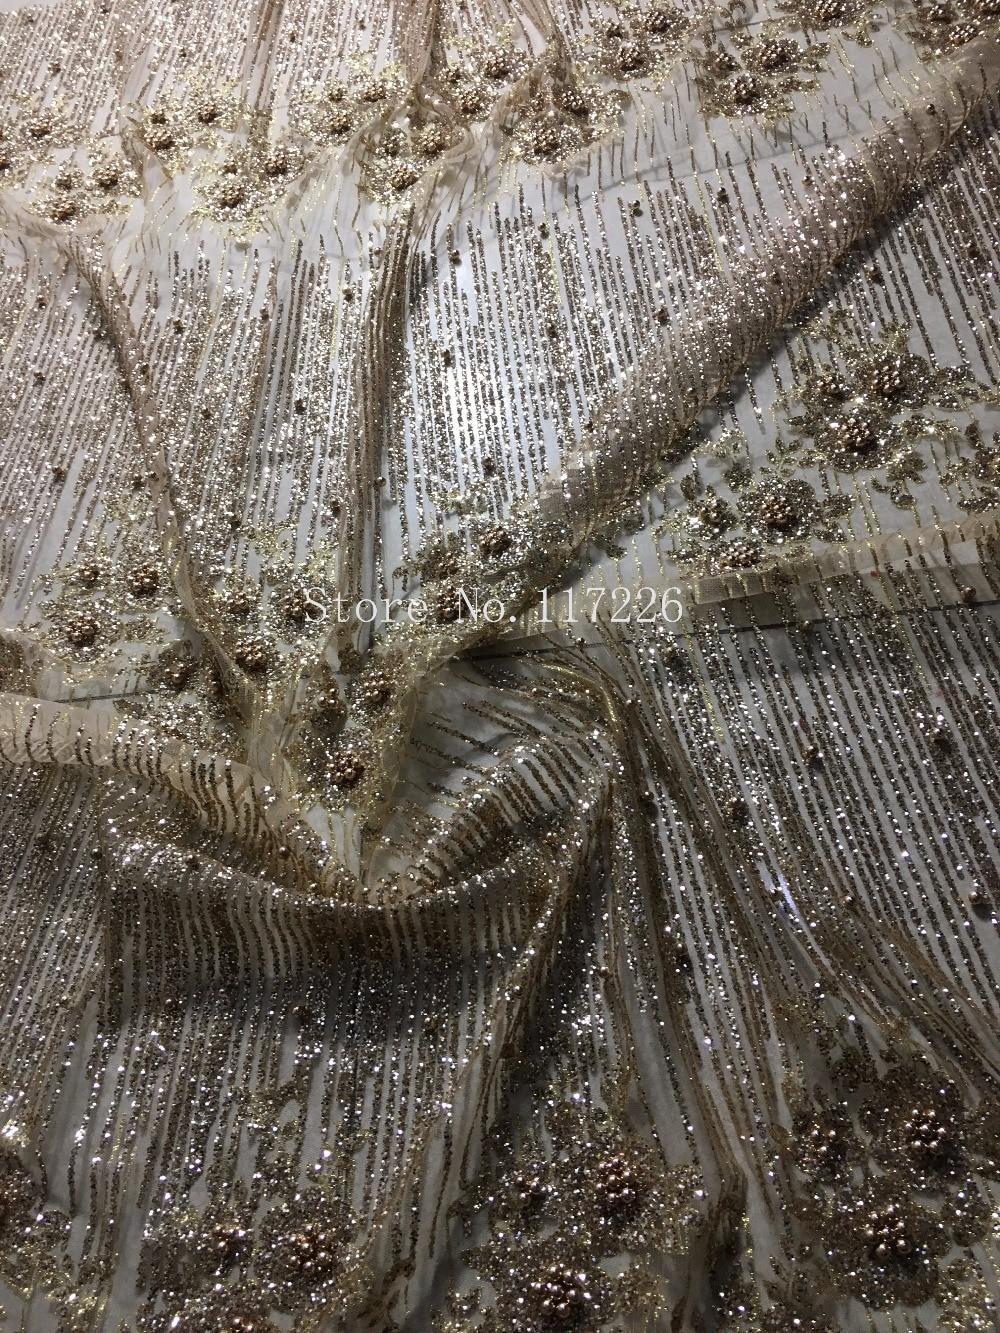 Gold farbe top verkauf glitter mesh material für abendkleid 5 yards spezielle JRB-1001 geklebt glitter spitze stoff mit perlen